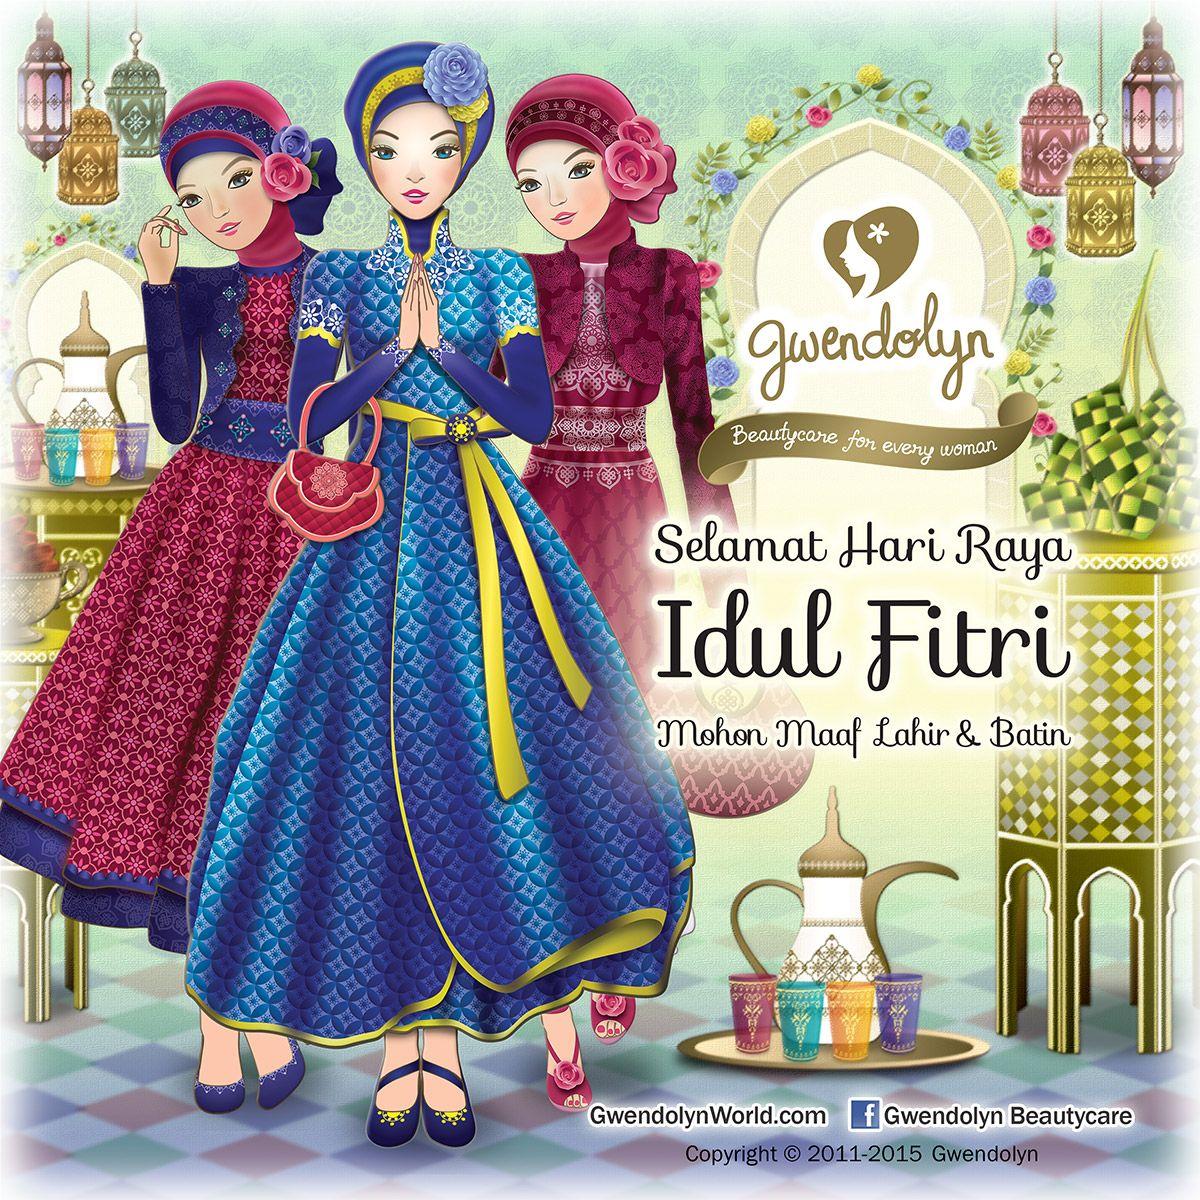 Gwendolyn Happy Idul Fitri 2015